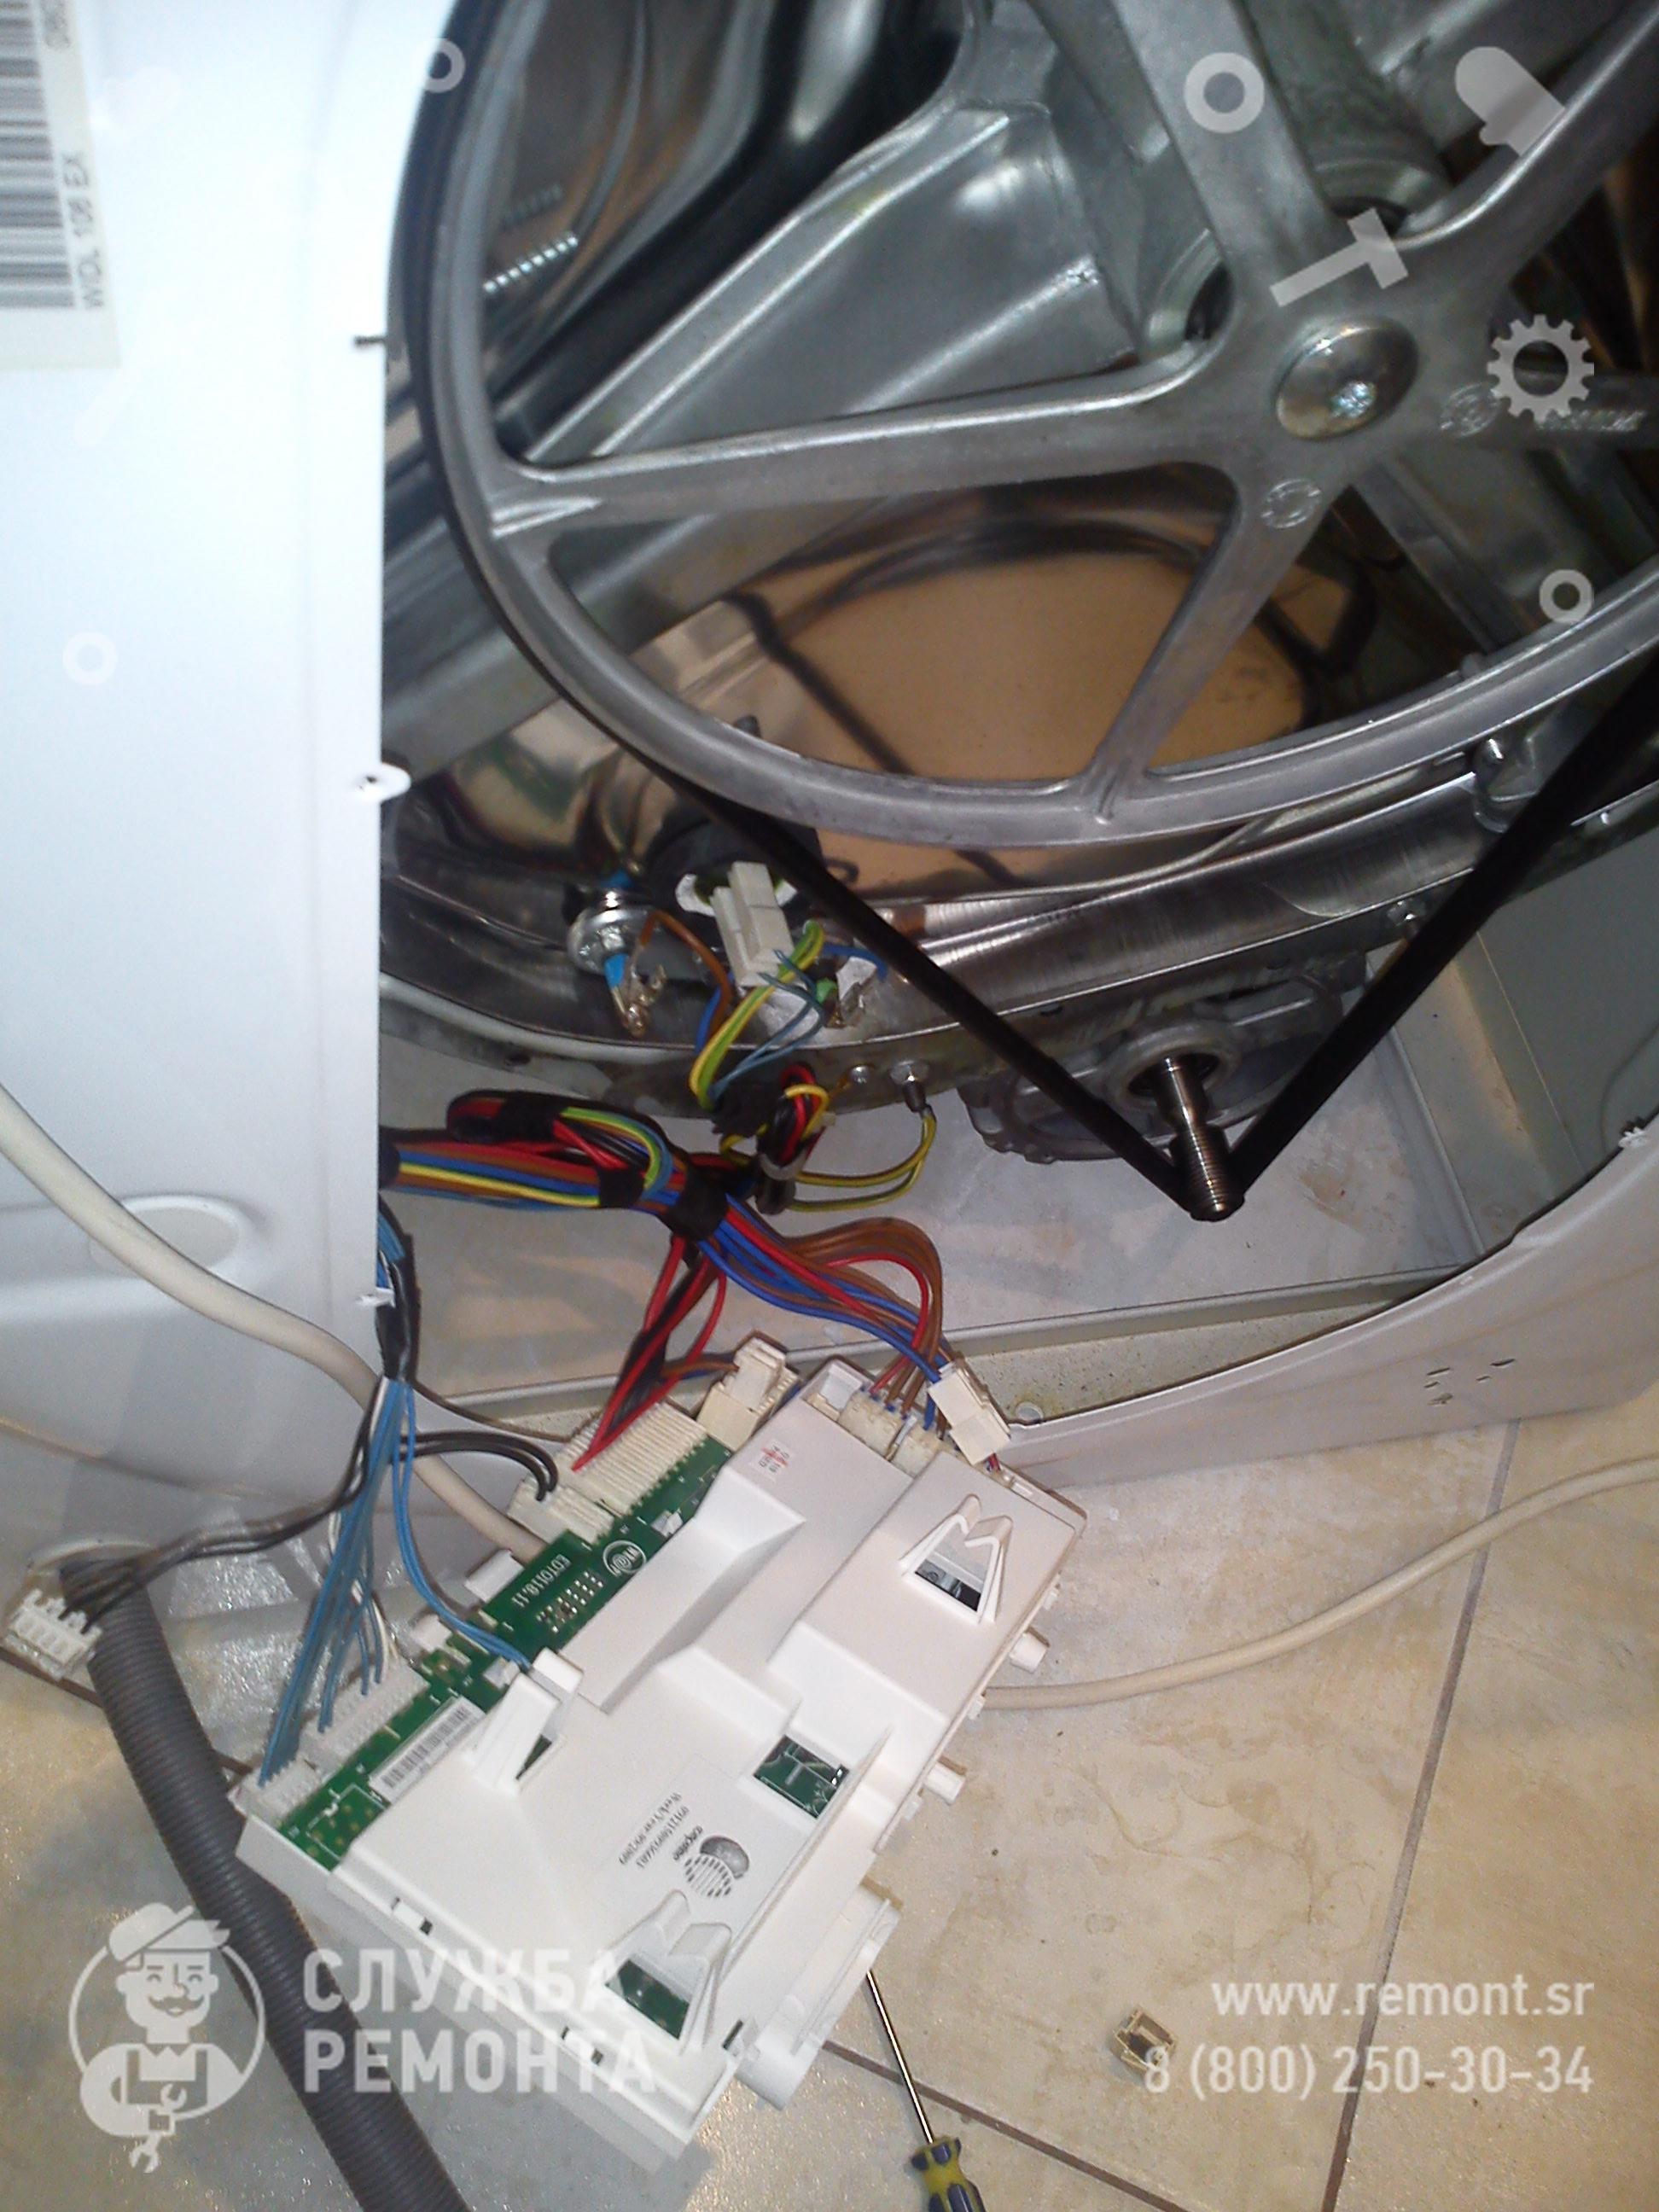 Отремонтировать стиральную машину Улица Спиридоновка ремонт стиральных машин под ключ Улица Алексея Дикого